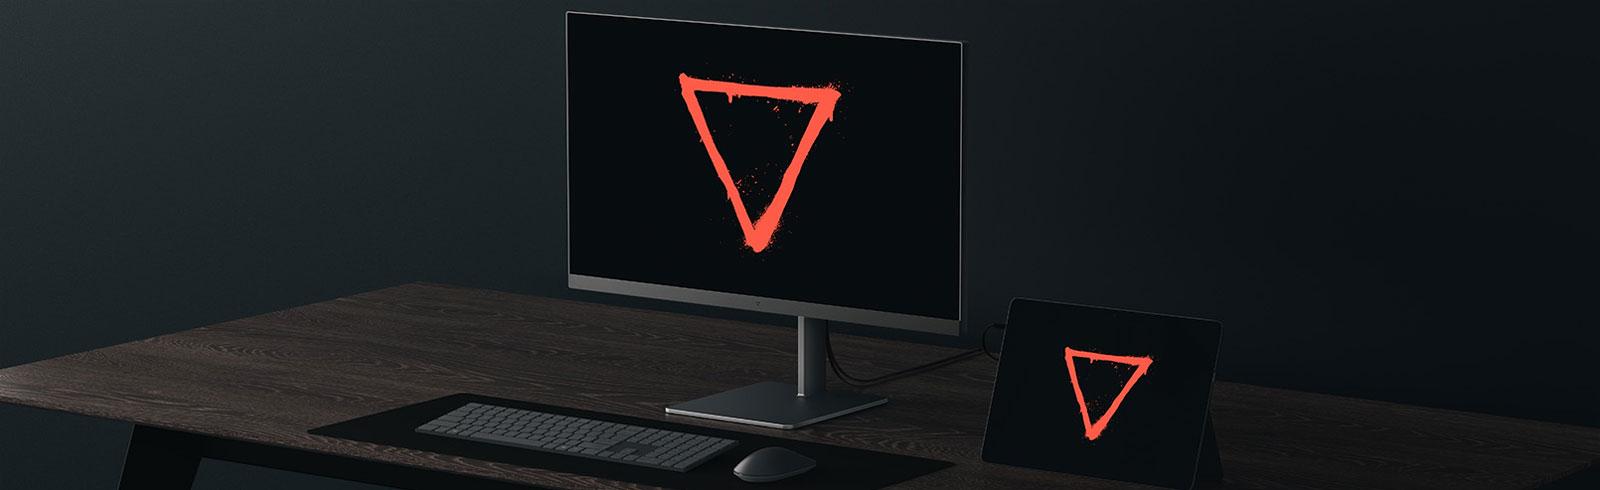 Eve Technology unveils the Spectrum QHD 144Hz, Spectrum QHD 240Hz and Spectrum 4K 144Hz monitors